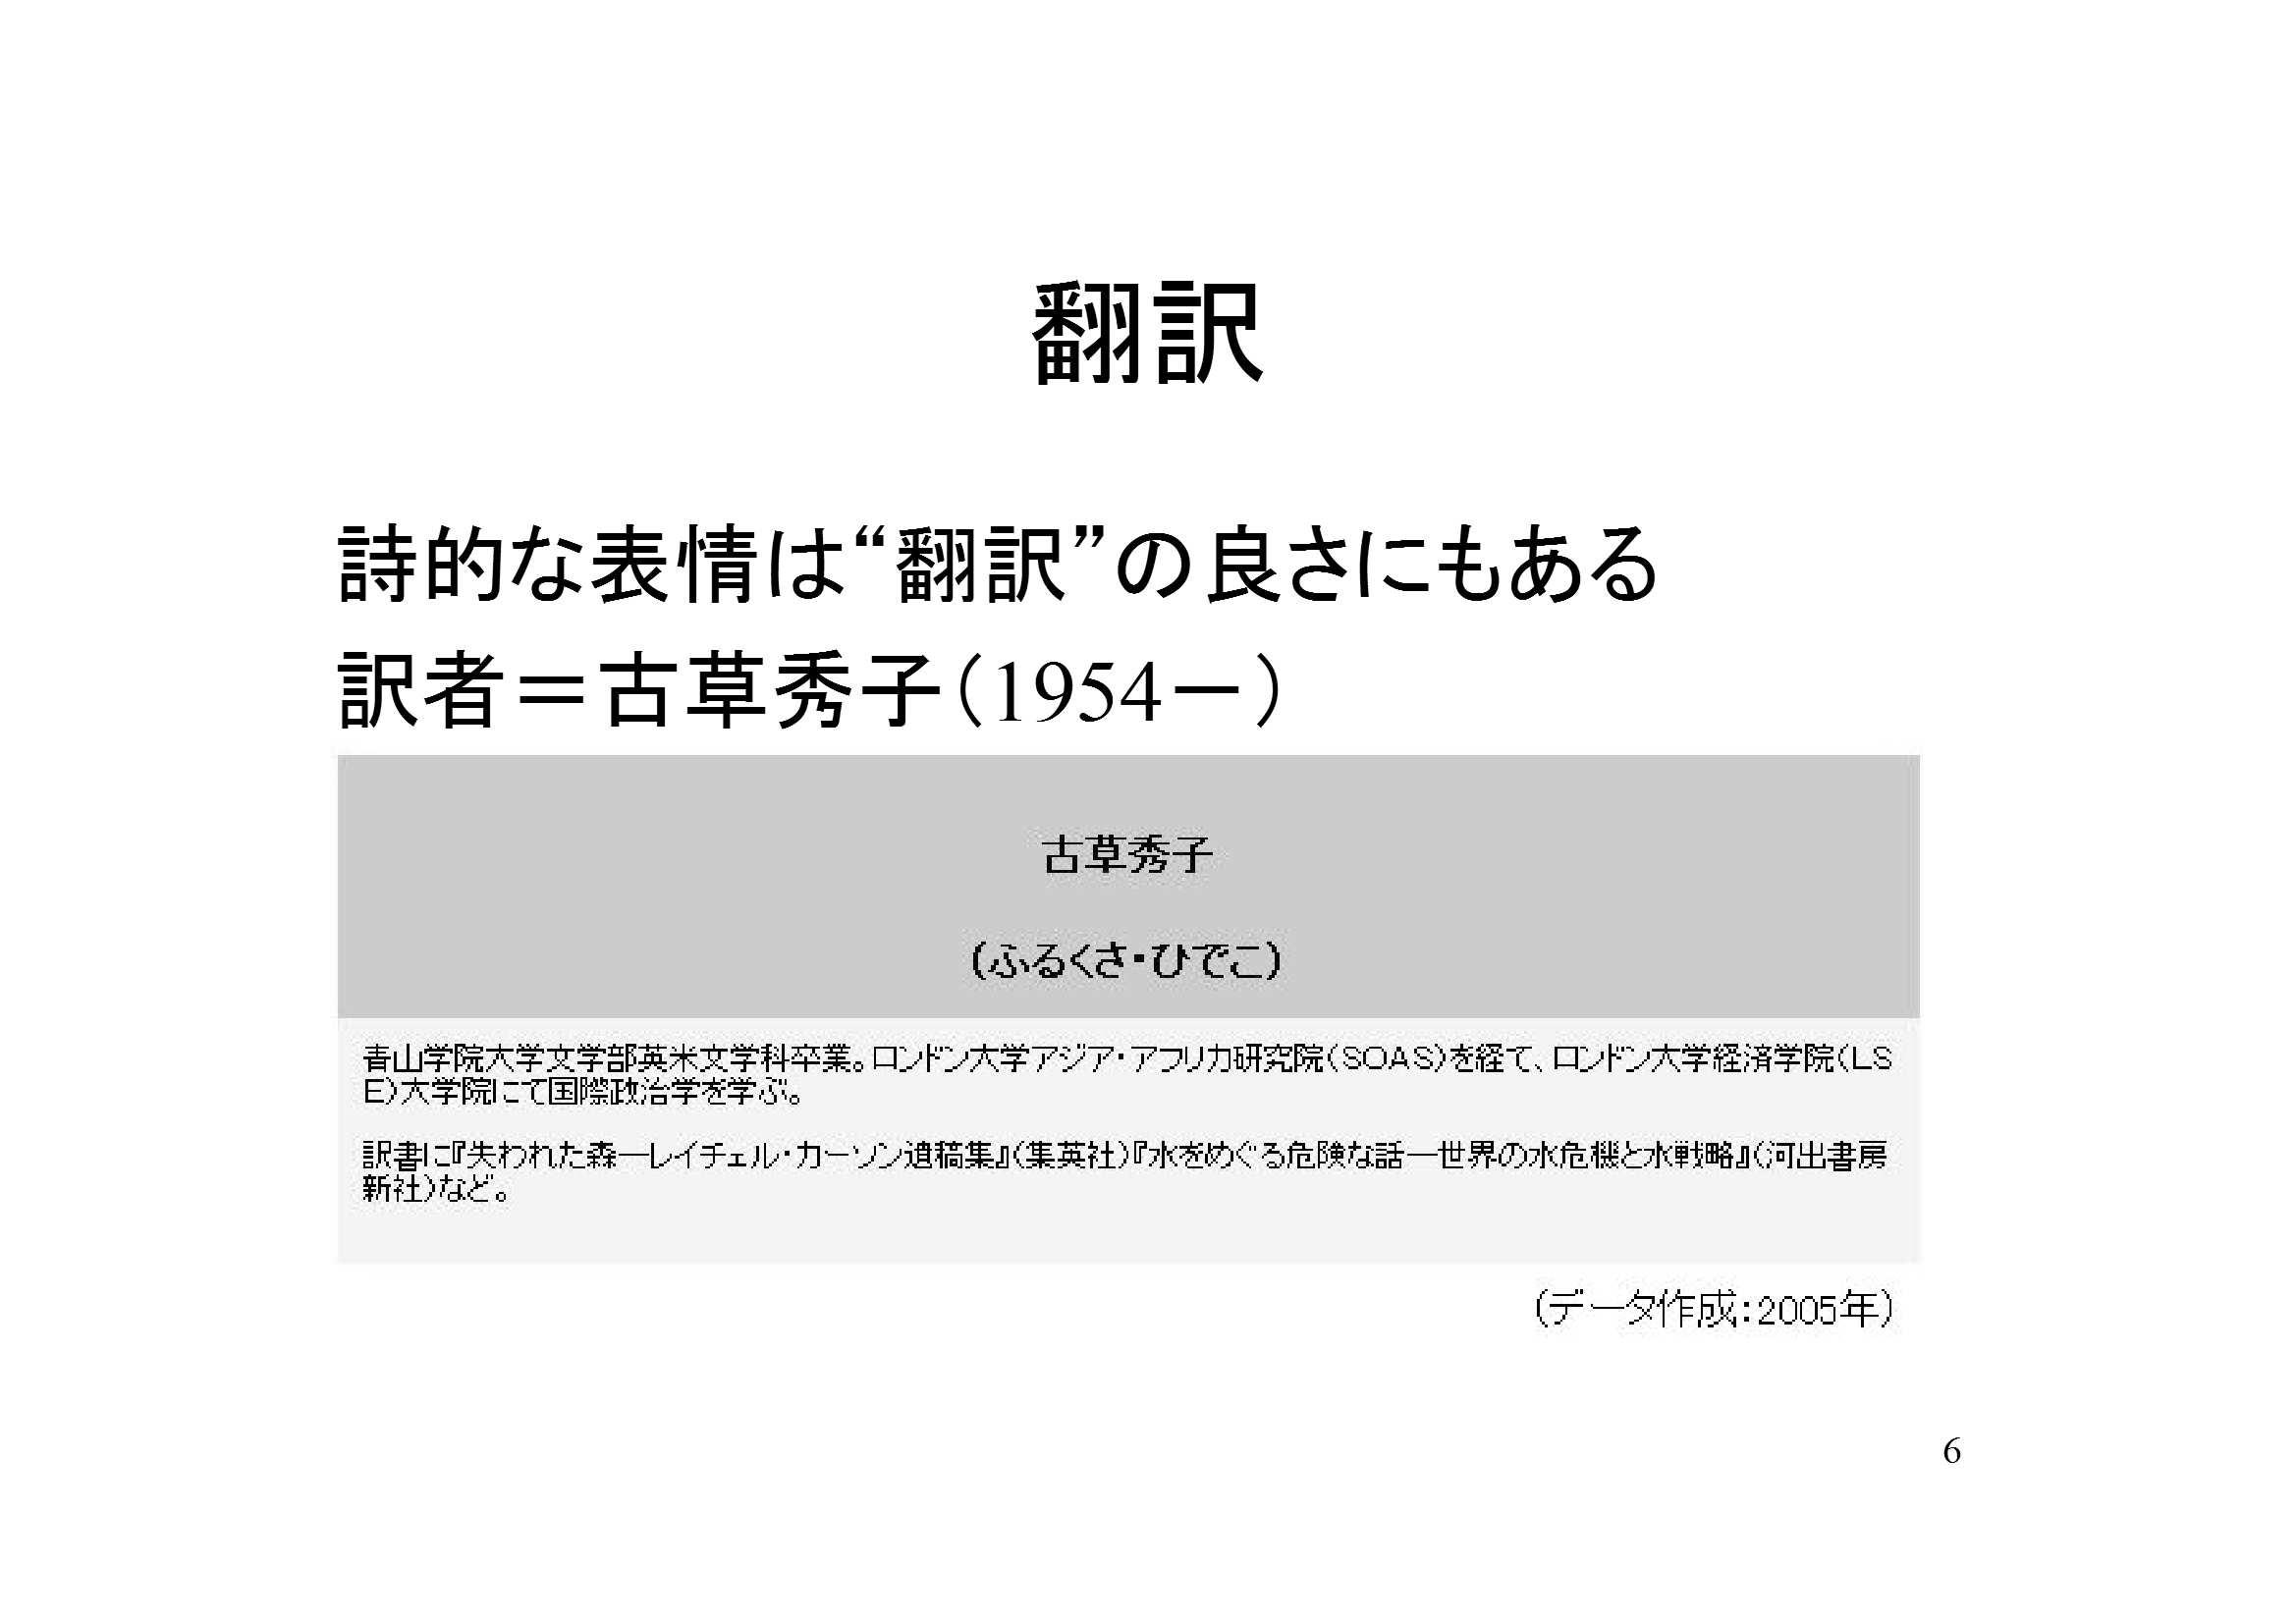 5鷹の道 [互換モード]-06